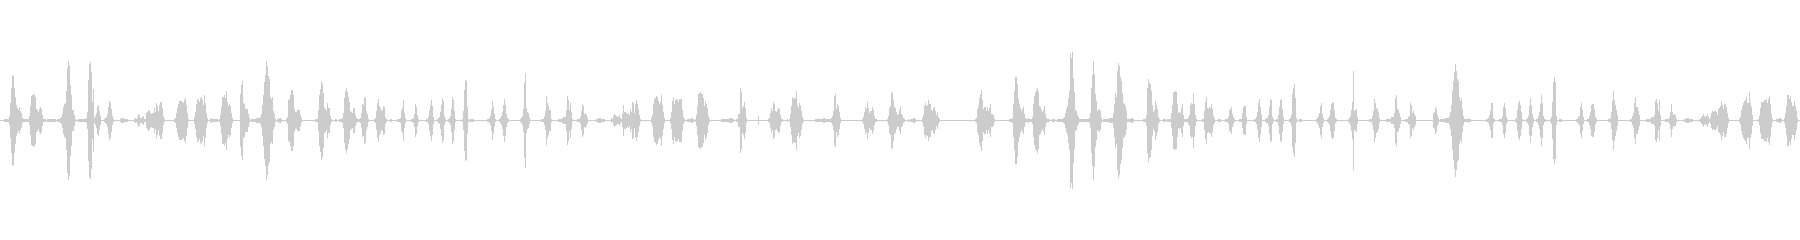 喋ってる声を巻き戻しした音の未再生の波形